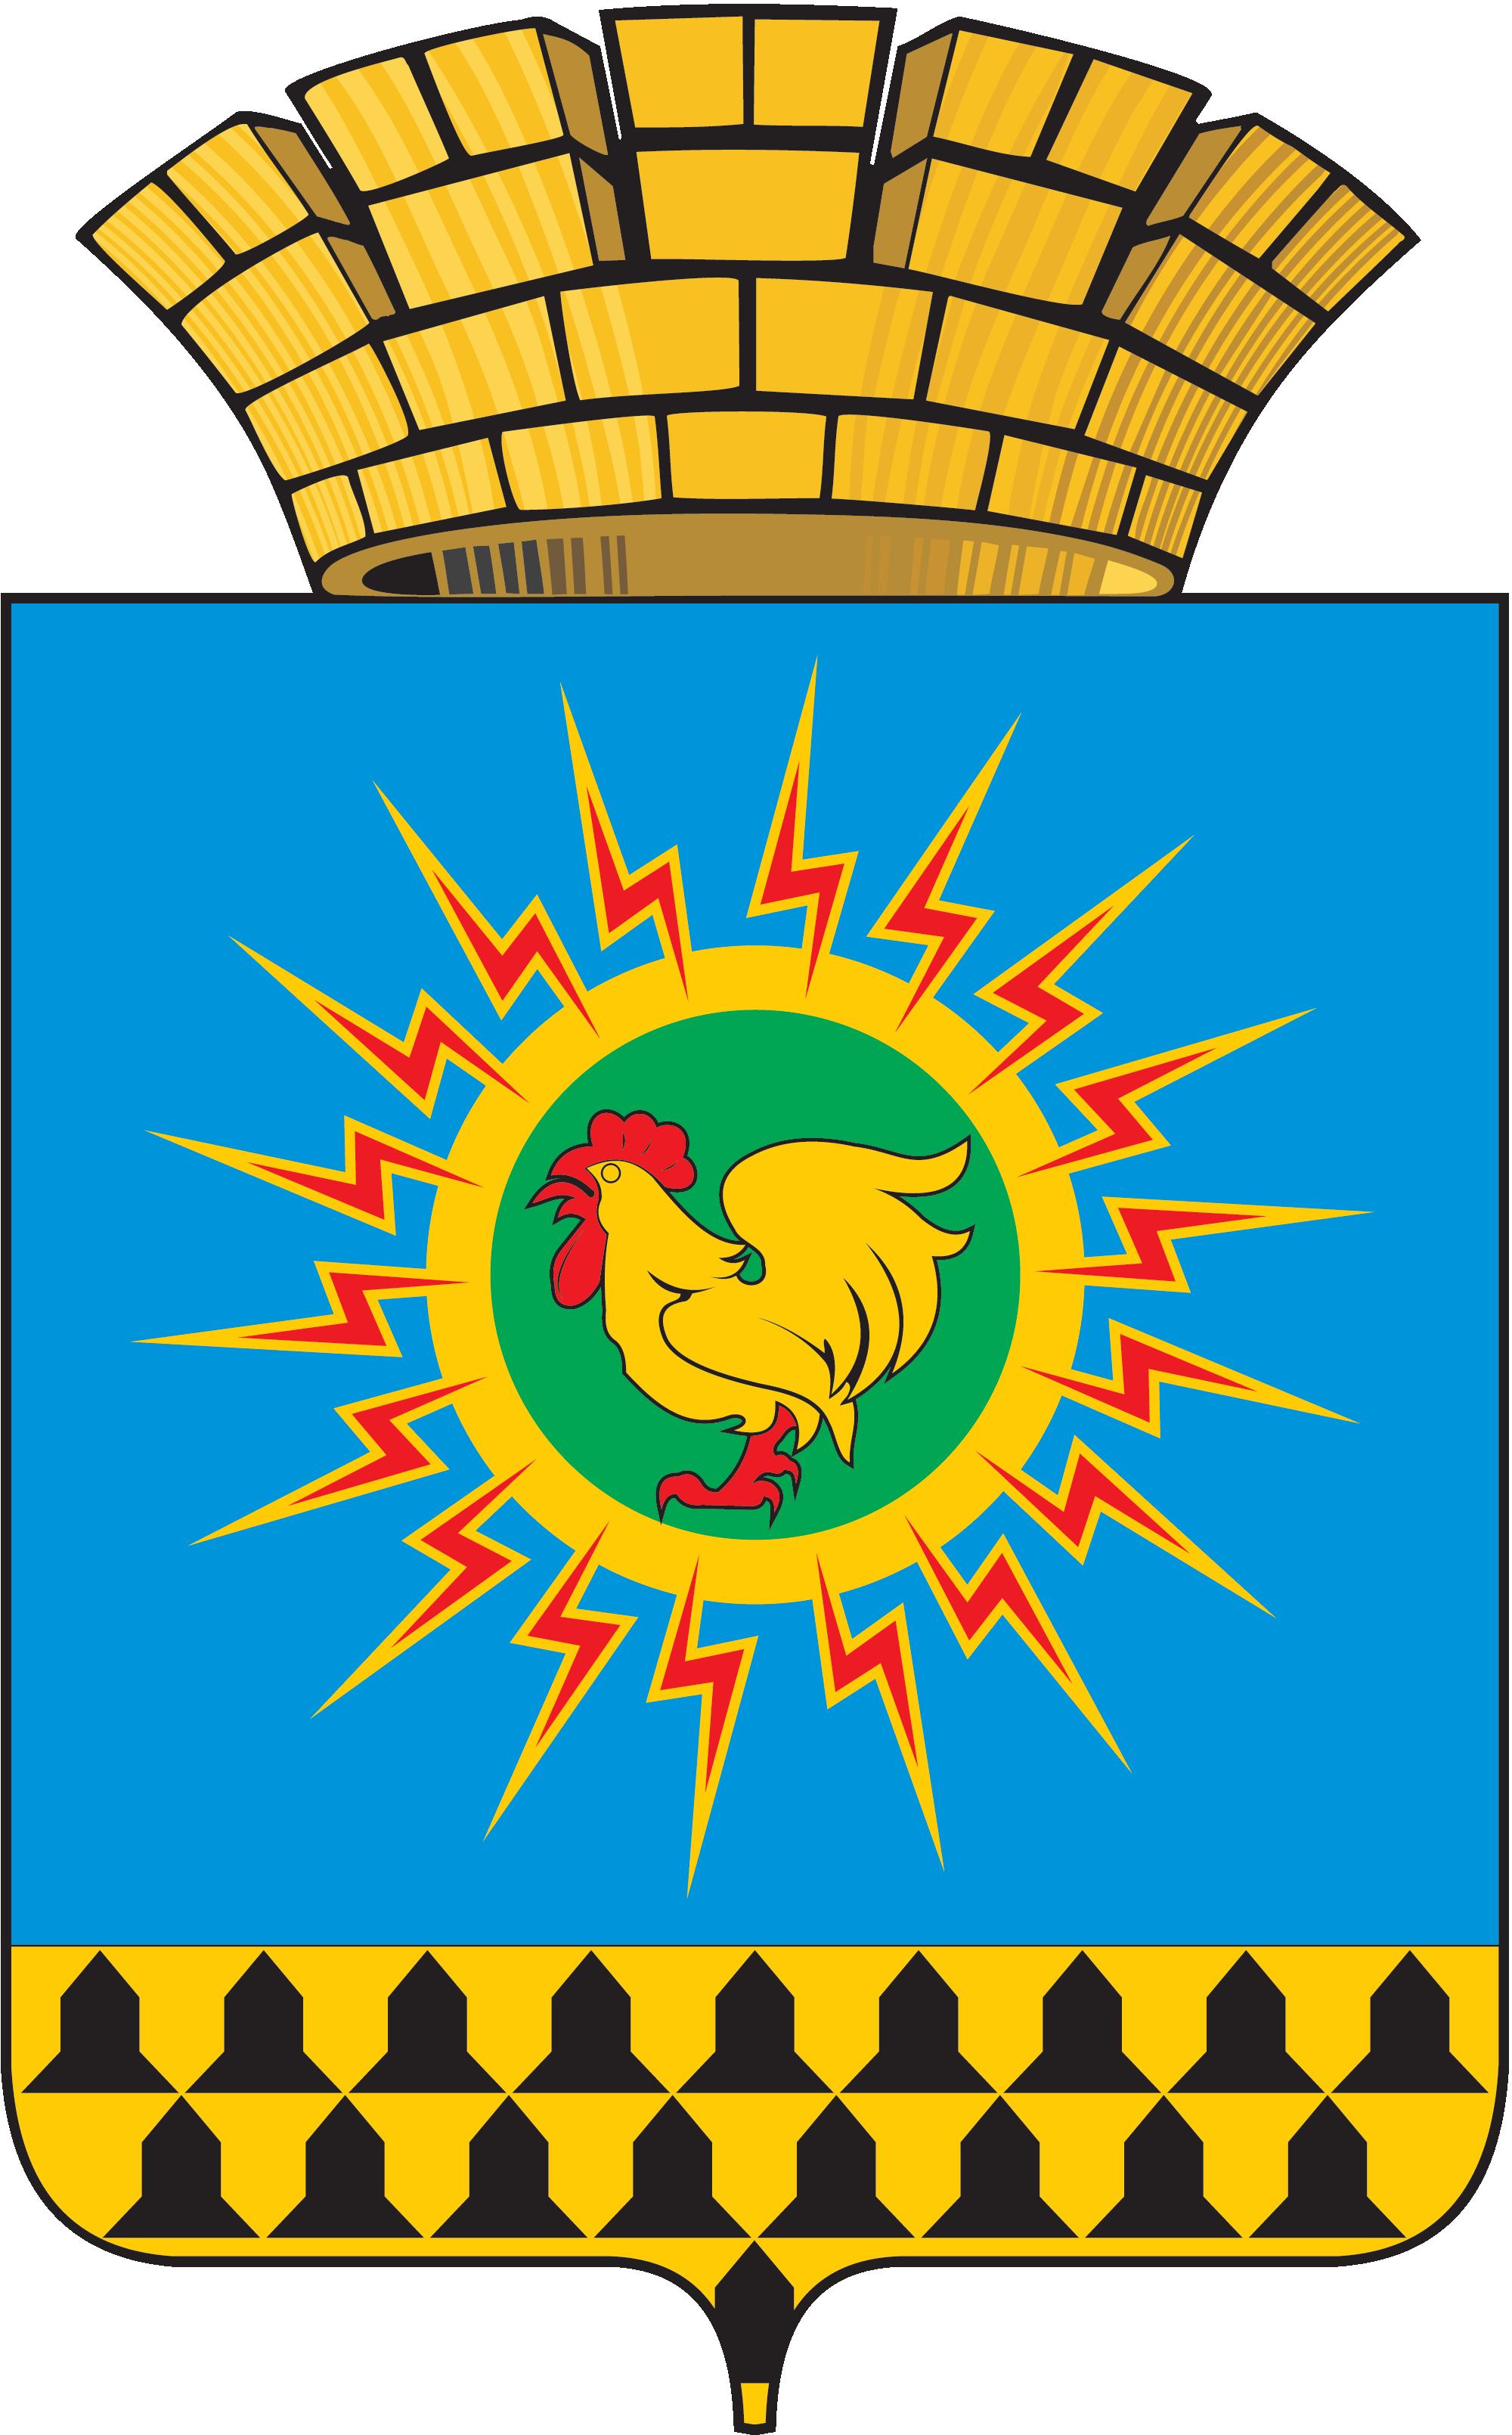 Герб - официальный символ муниципального образования «городской округ Рефтинский»